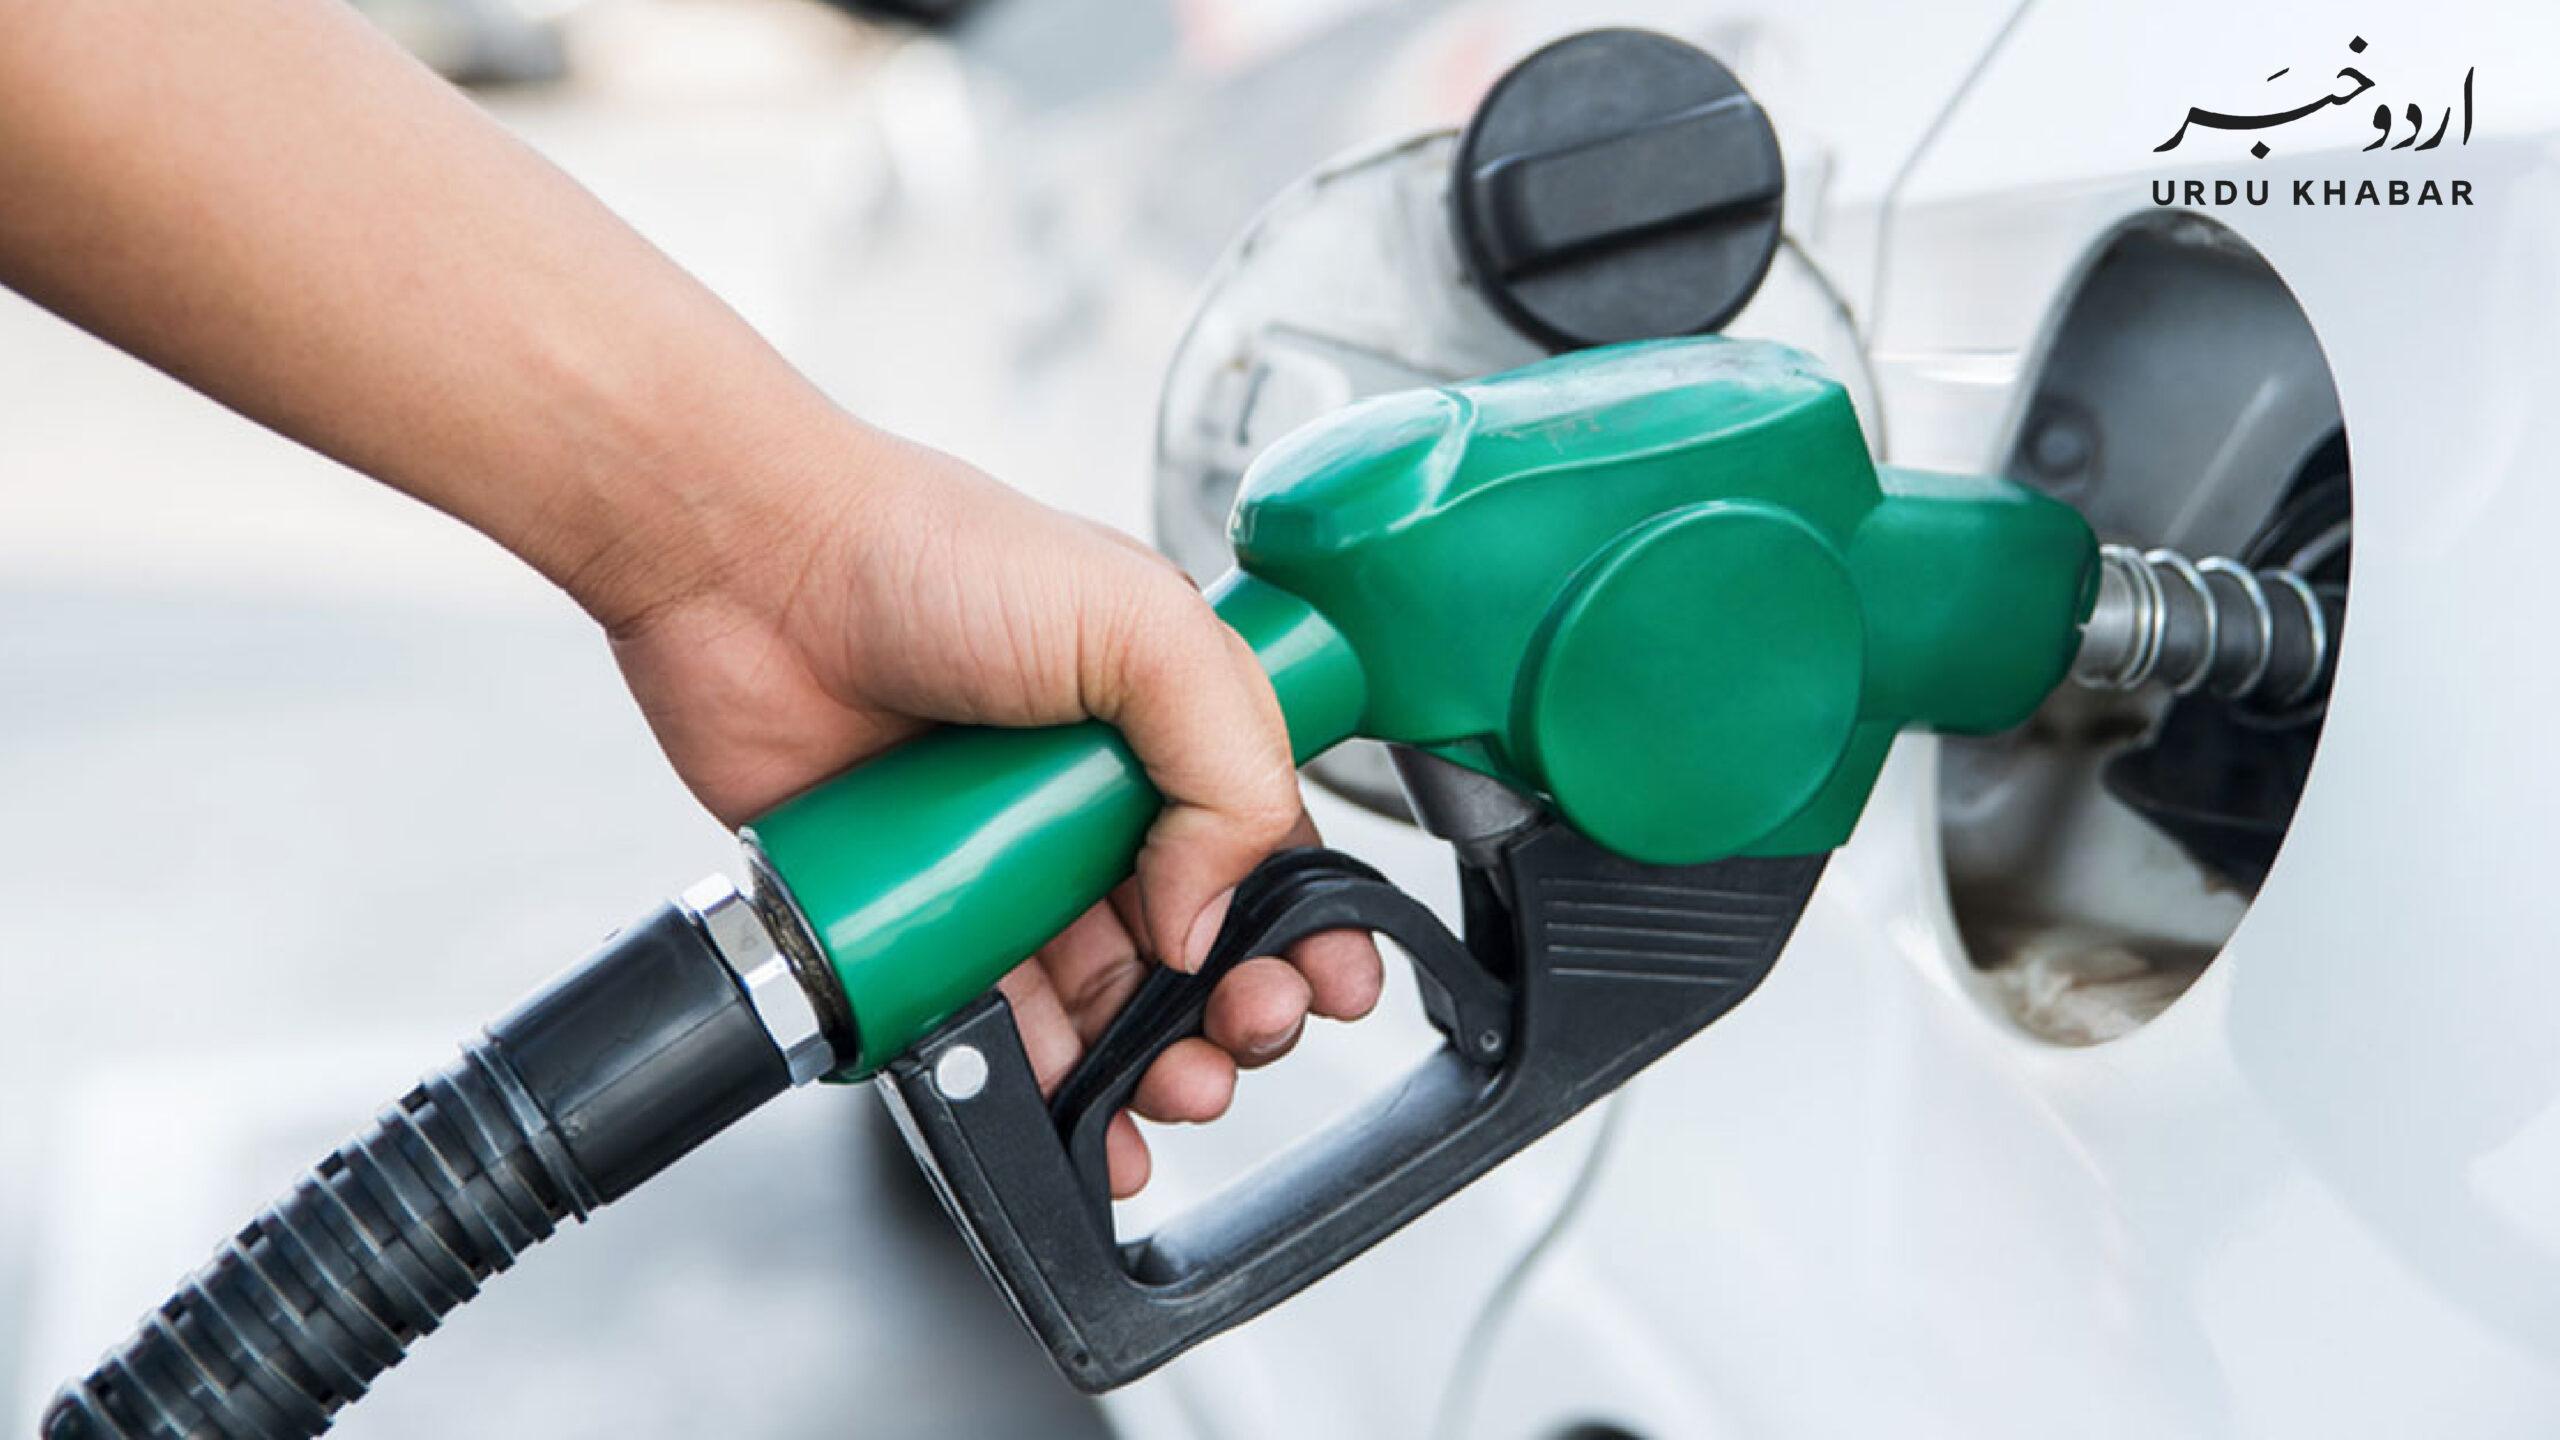 مئی کے مہینے میں پیٹرول کی قیمتیں تبدیل نہیں ہوں گی